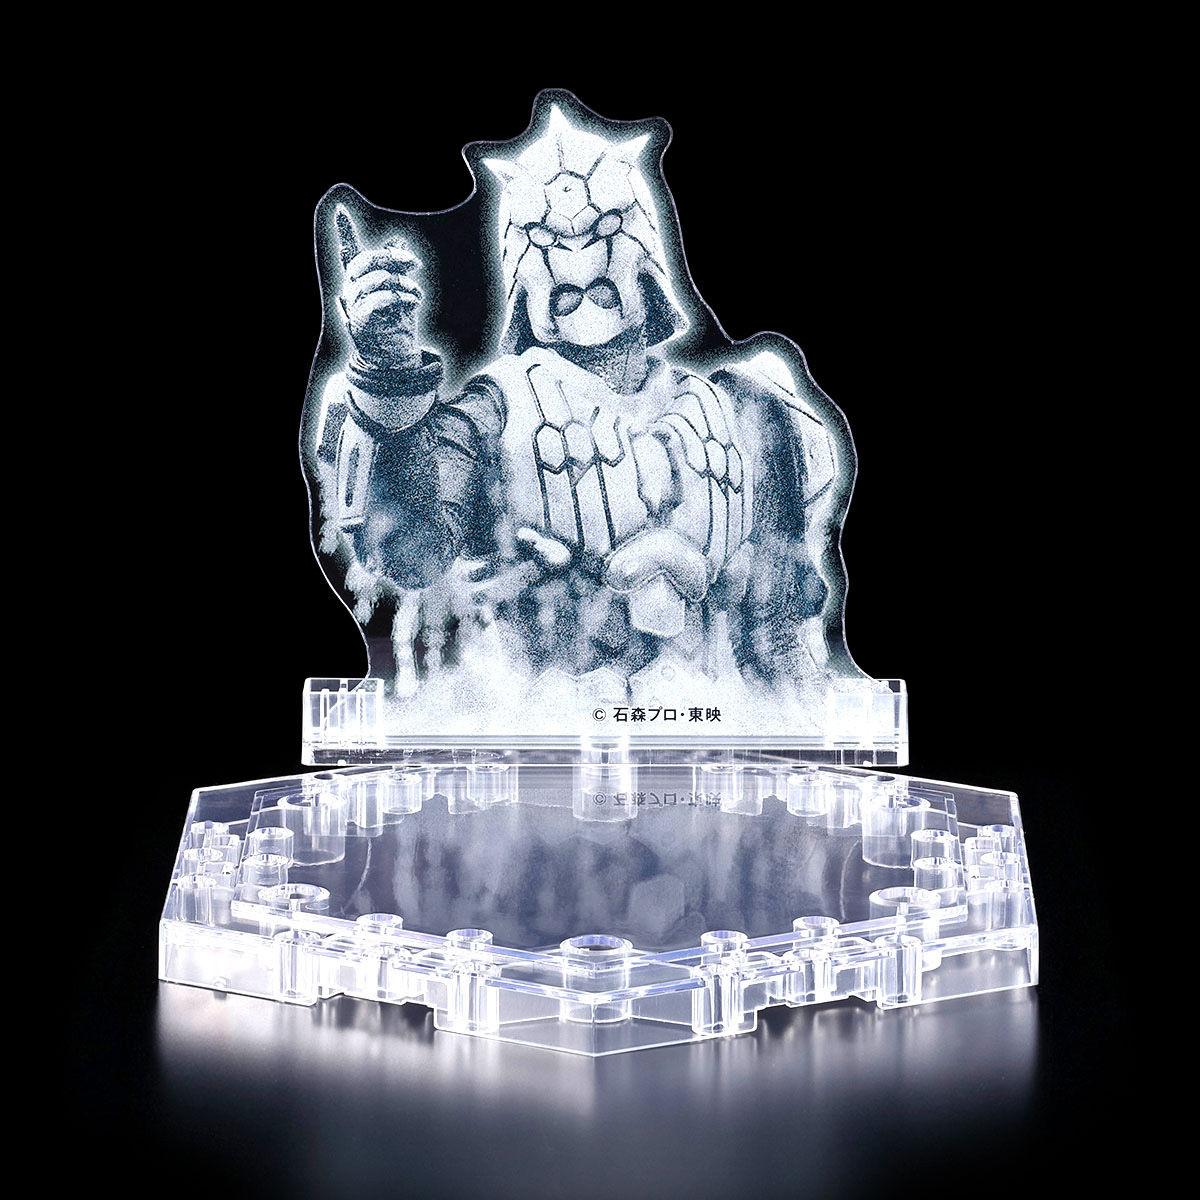 【限定販売】Figure-rise Standard『仮面ライダー電王 ガンフォーム&プラットフォーム』プラモデル-023